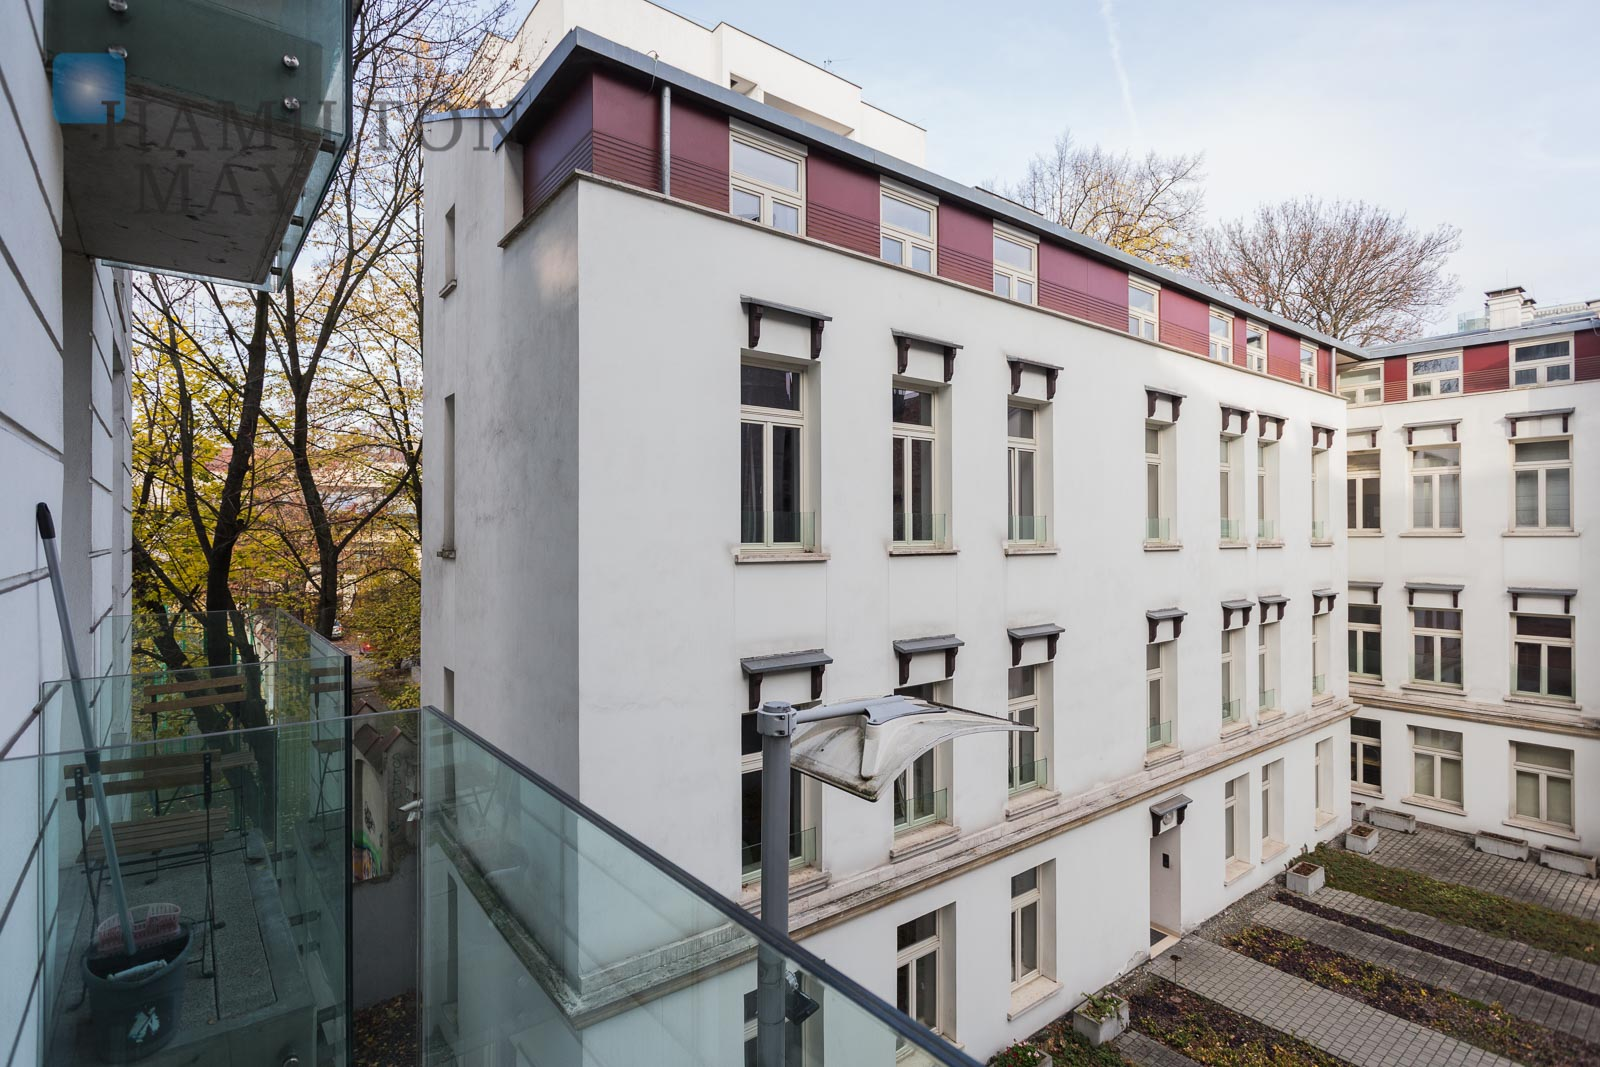 Nowoczesne, dwupokojowe mieszkanie w prestiżowej inwestycji - Sobieski Residence na Starym Mieście Kraków na wynajem